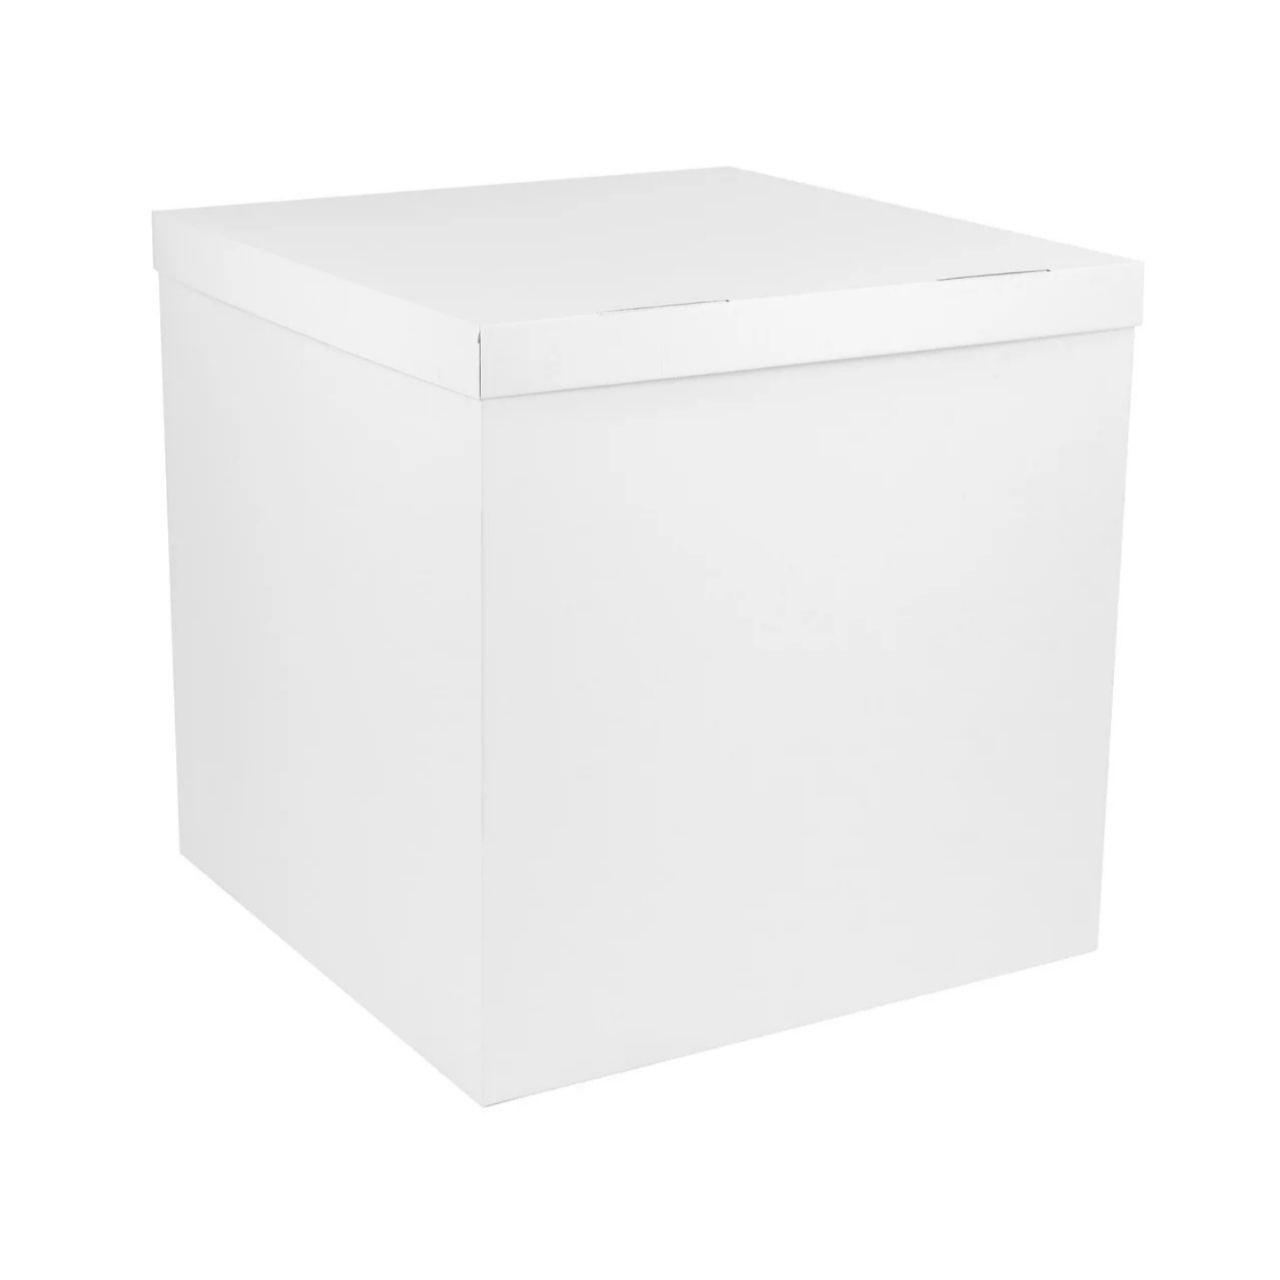 Коробка сюрприз для шаров белая, класс А 70х70х70см